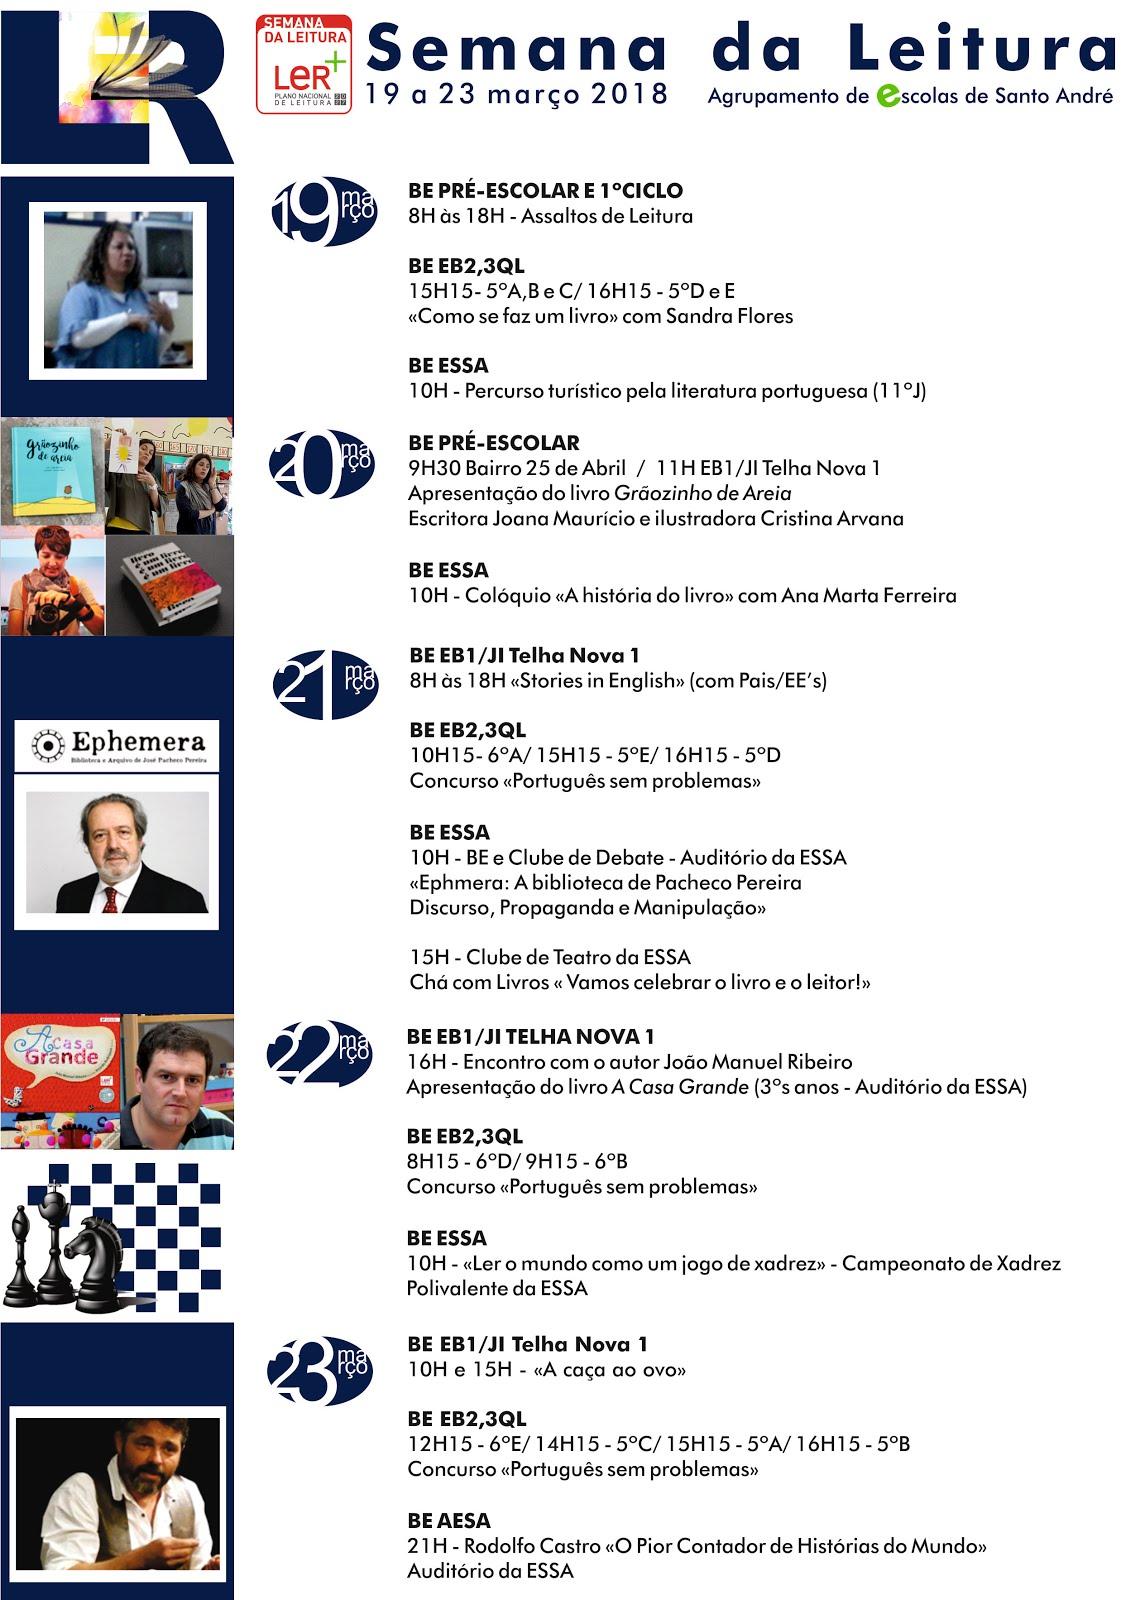 Programa da Semana da Leitura